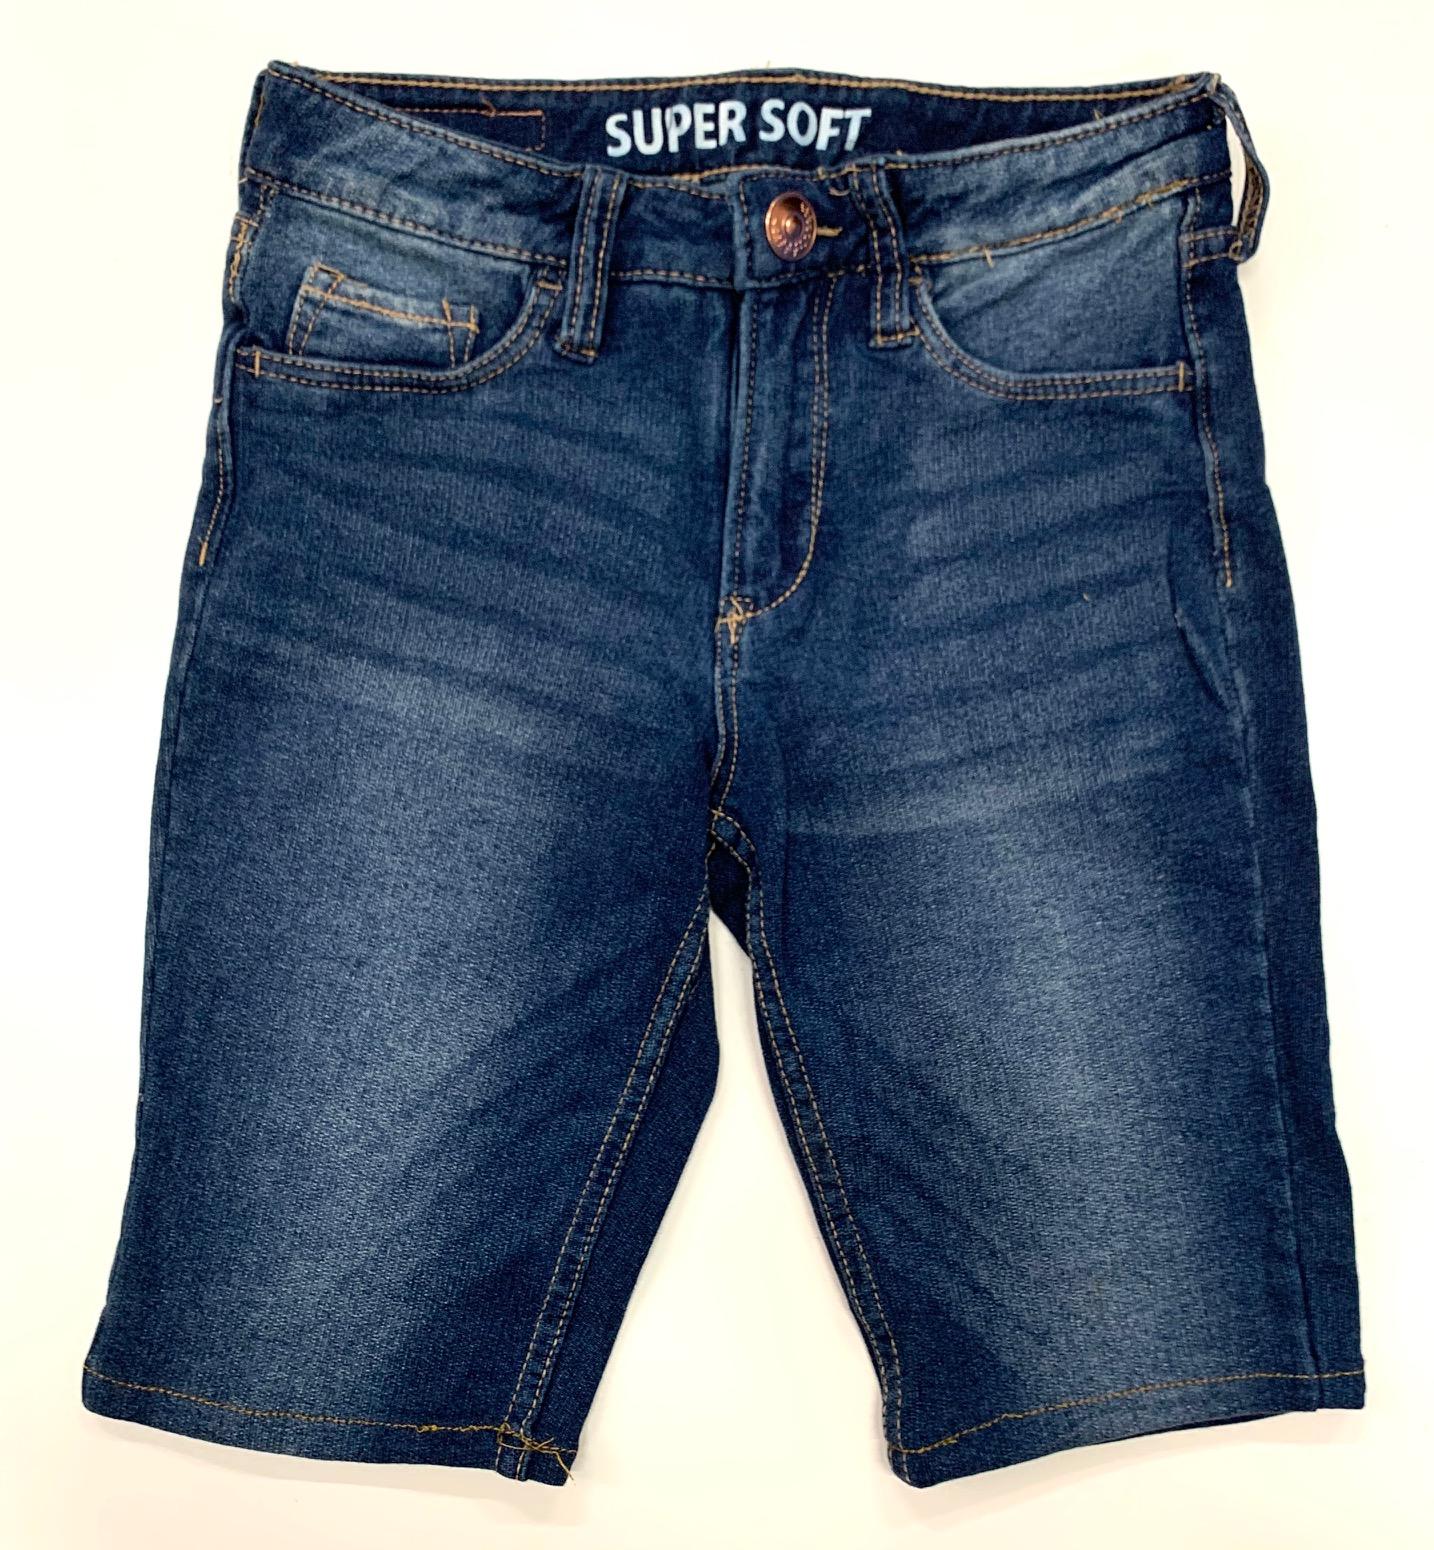 Уникальные детские шорты SUPER SOFT